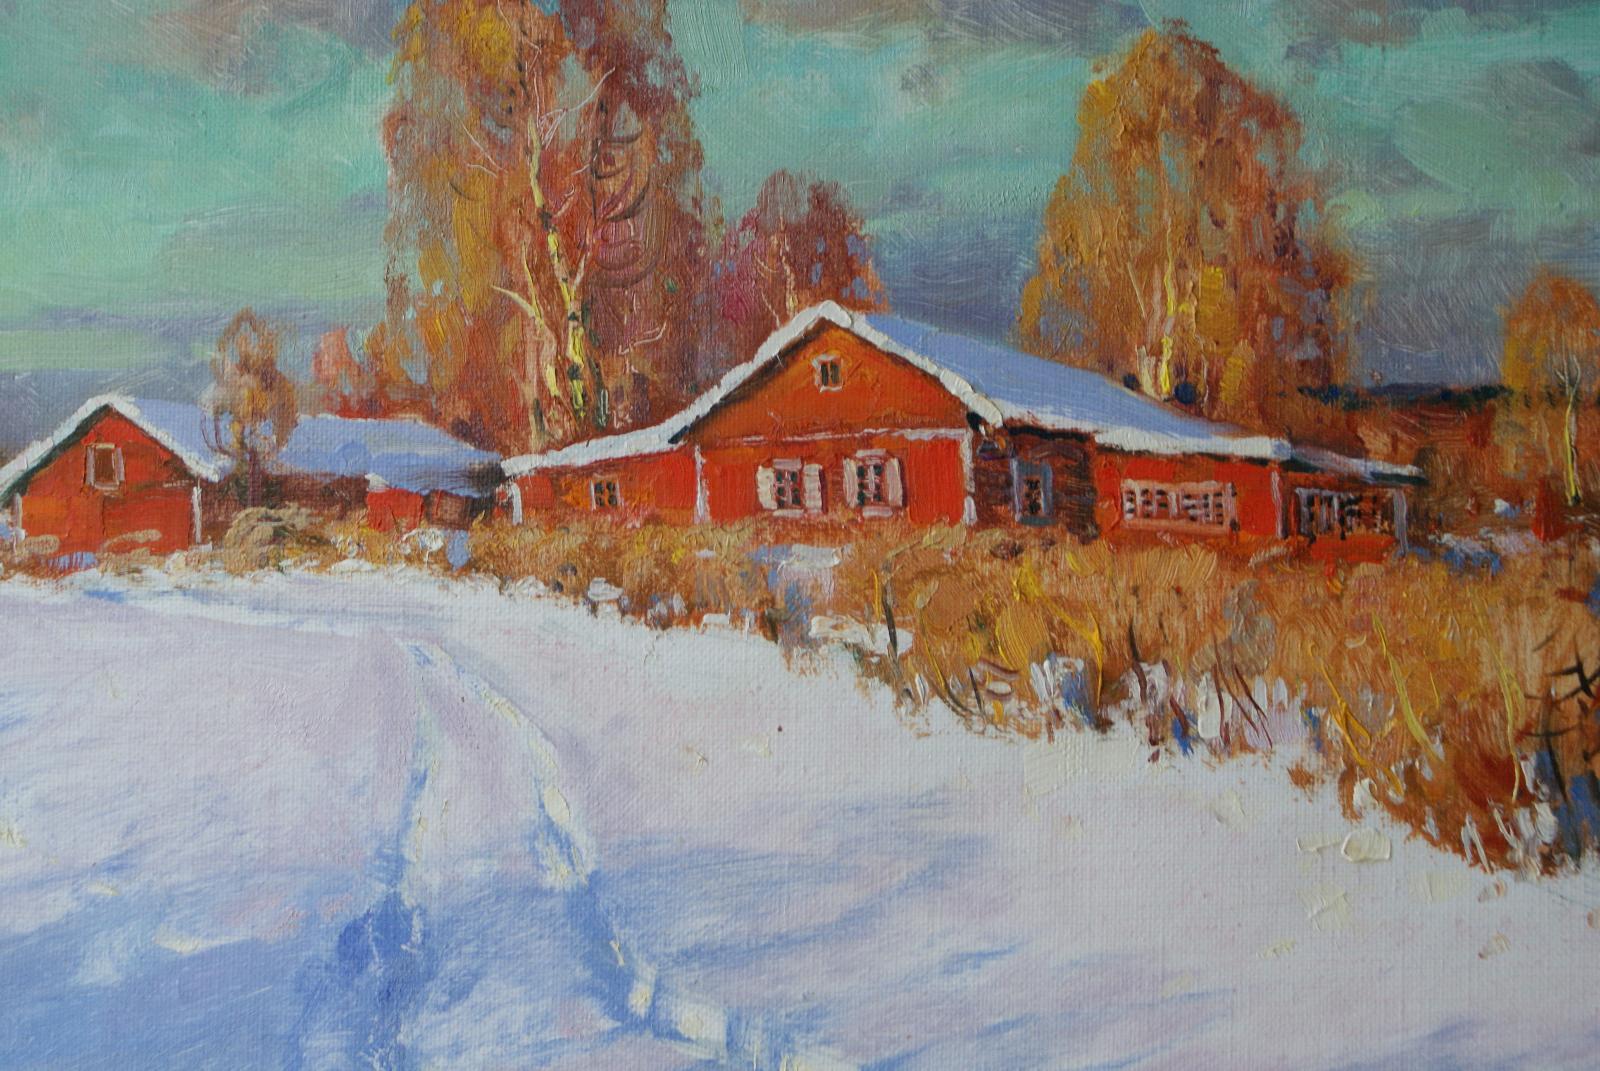 landschaft winter weg in sibirien alexej kaperp l auf leinwand aus der region kaufen. Black Bedroom Furniture Sets. Home Design Ideas